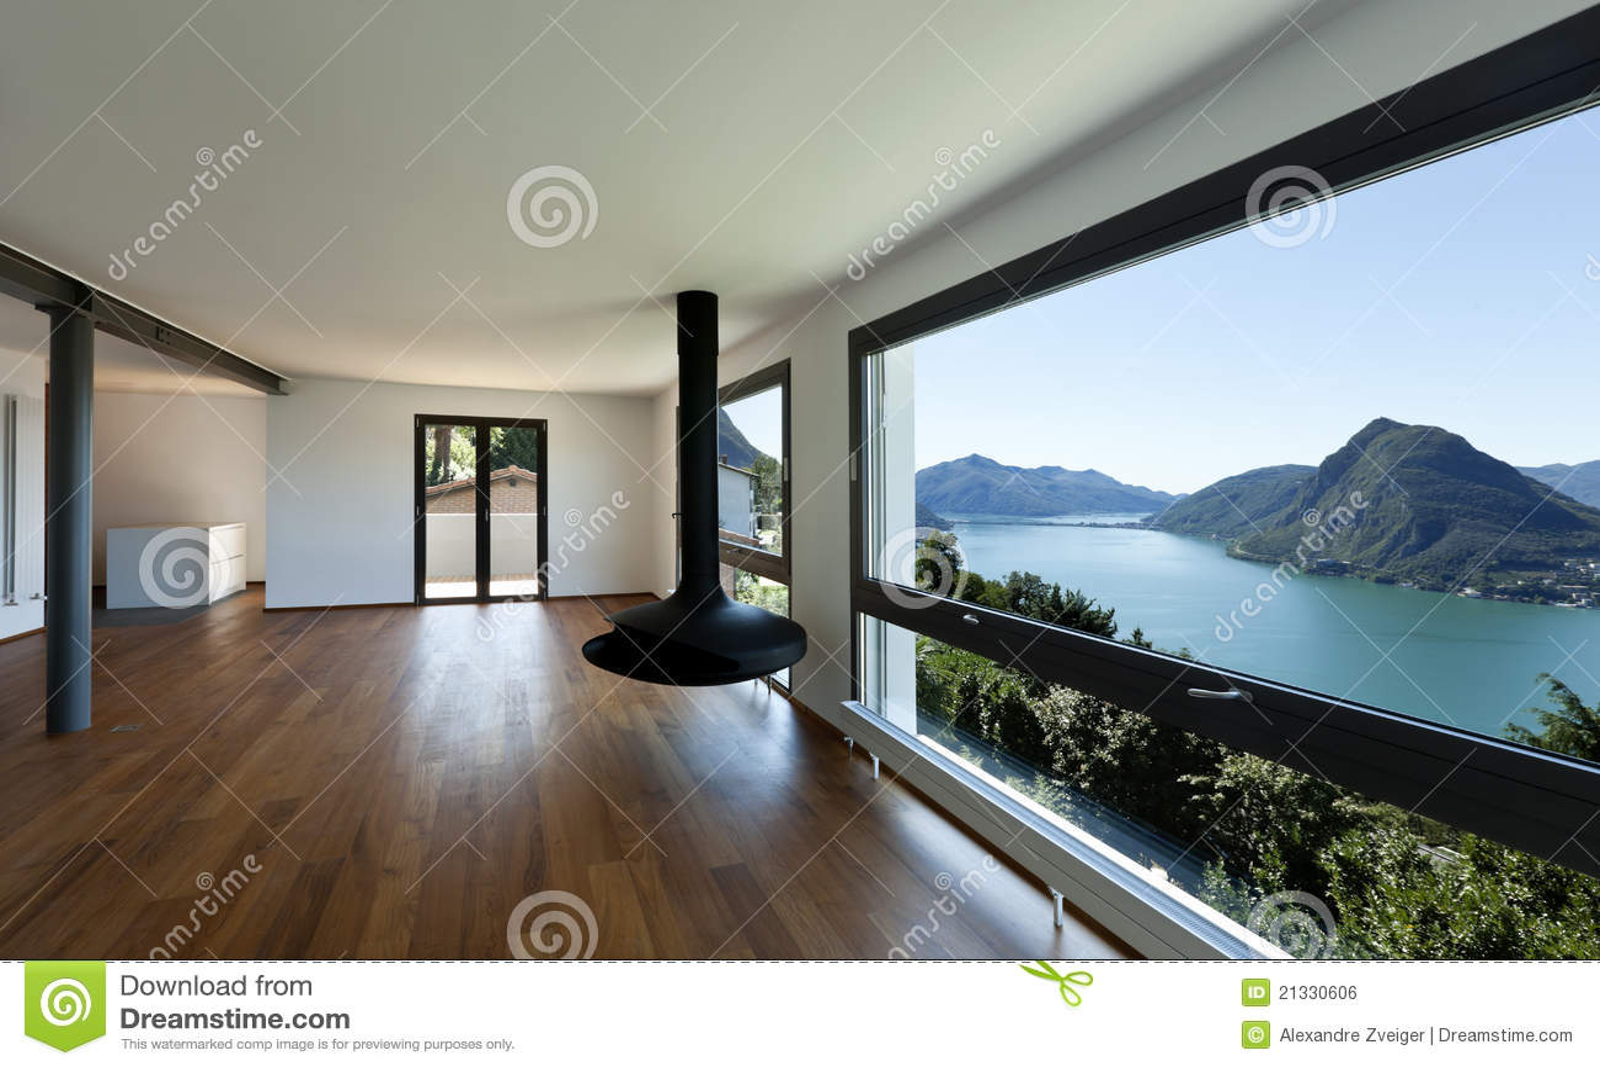 großes wohnzimmer | jtleigh.com - hausgestaltung ideen - Wohnzimmer Grose Fensterfront